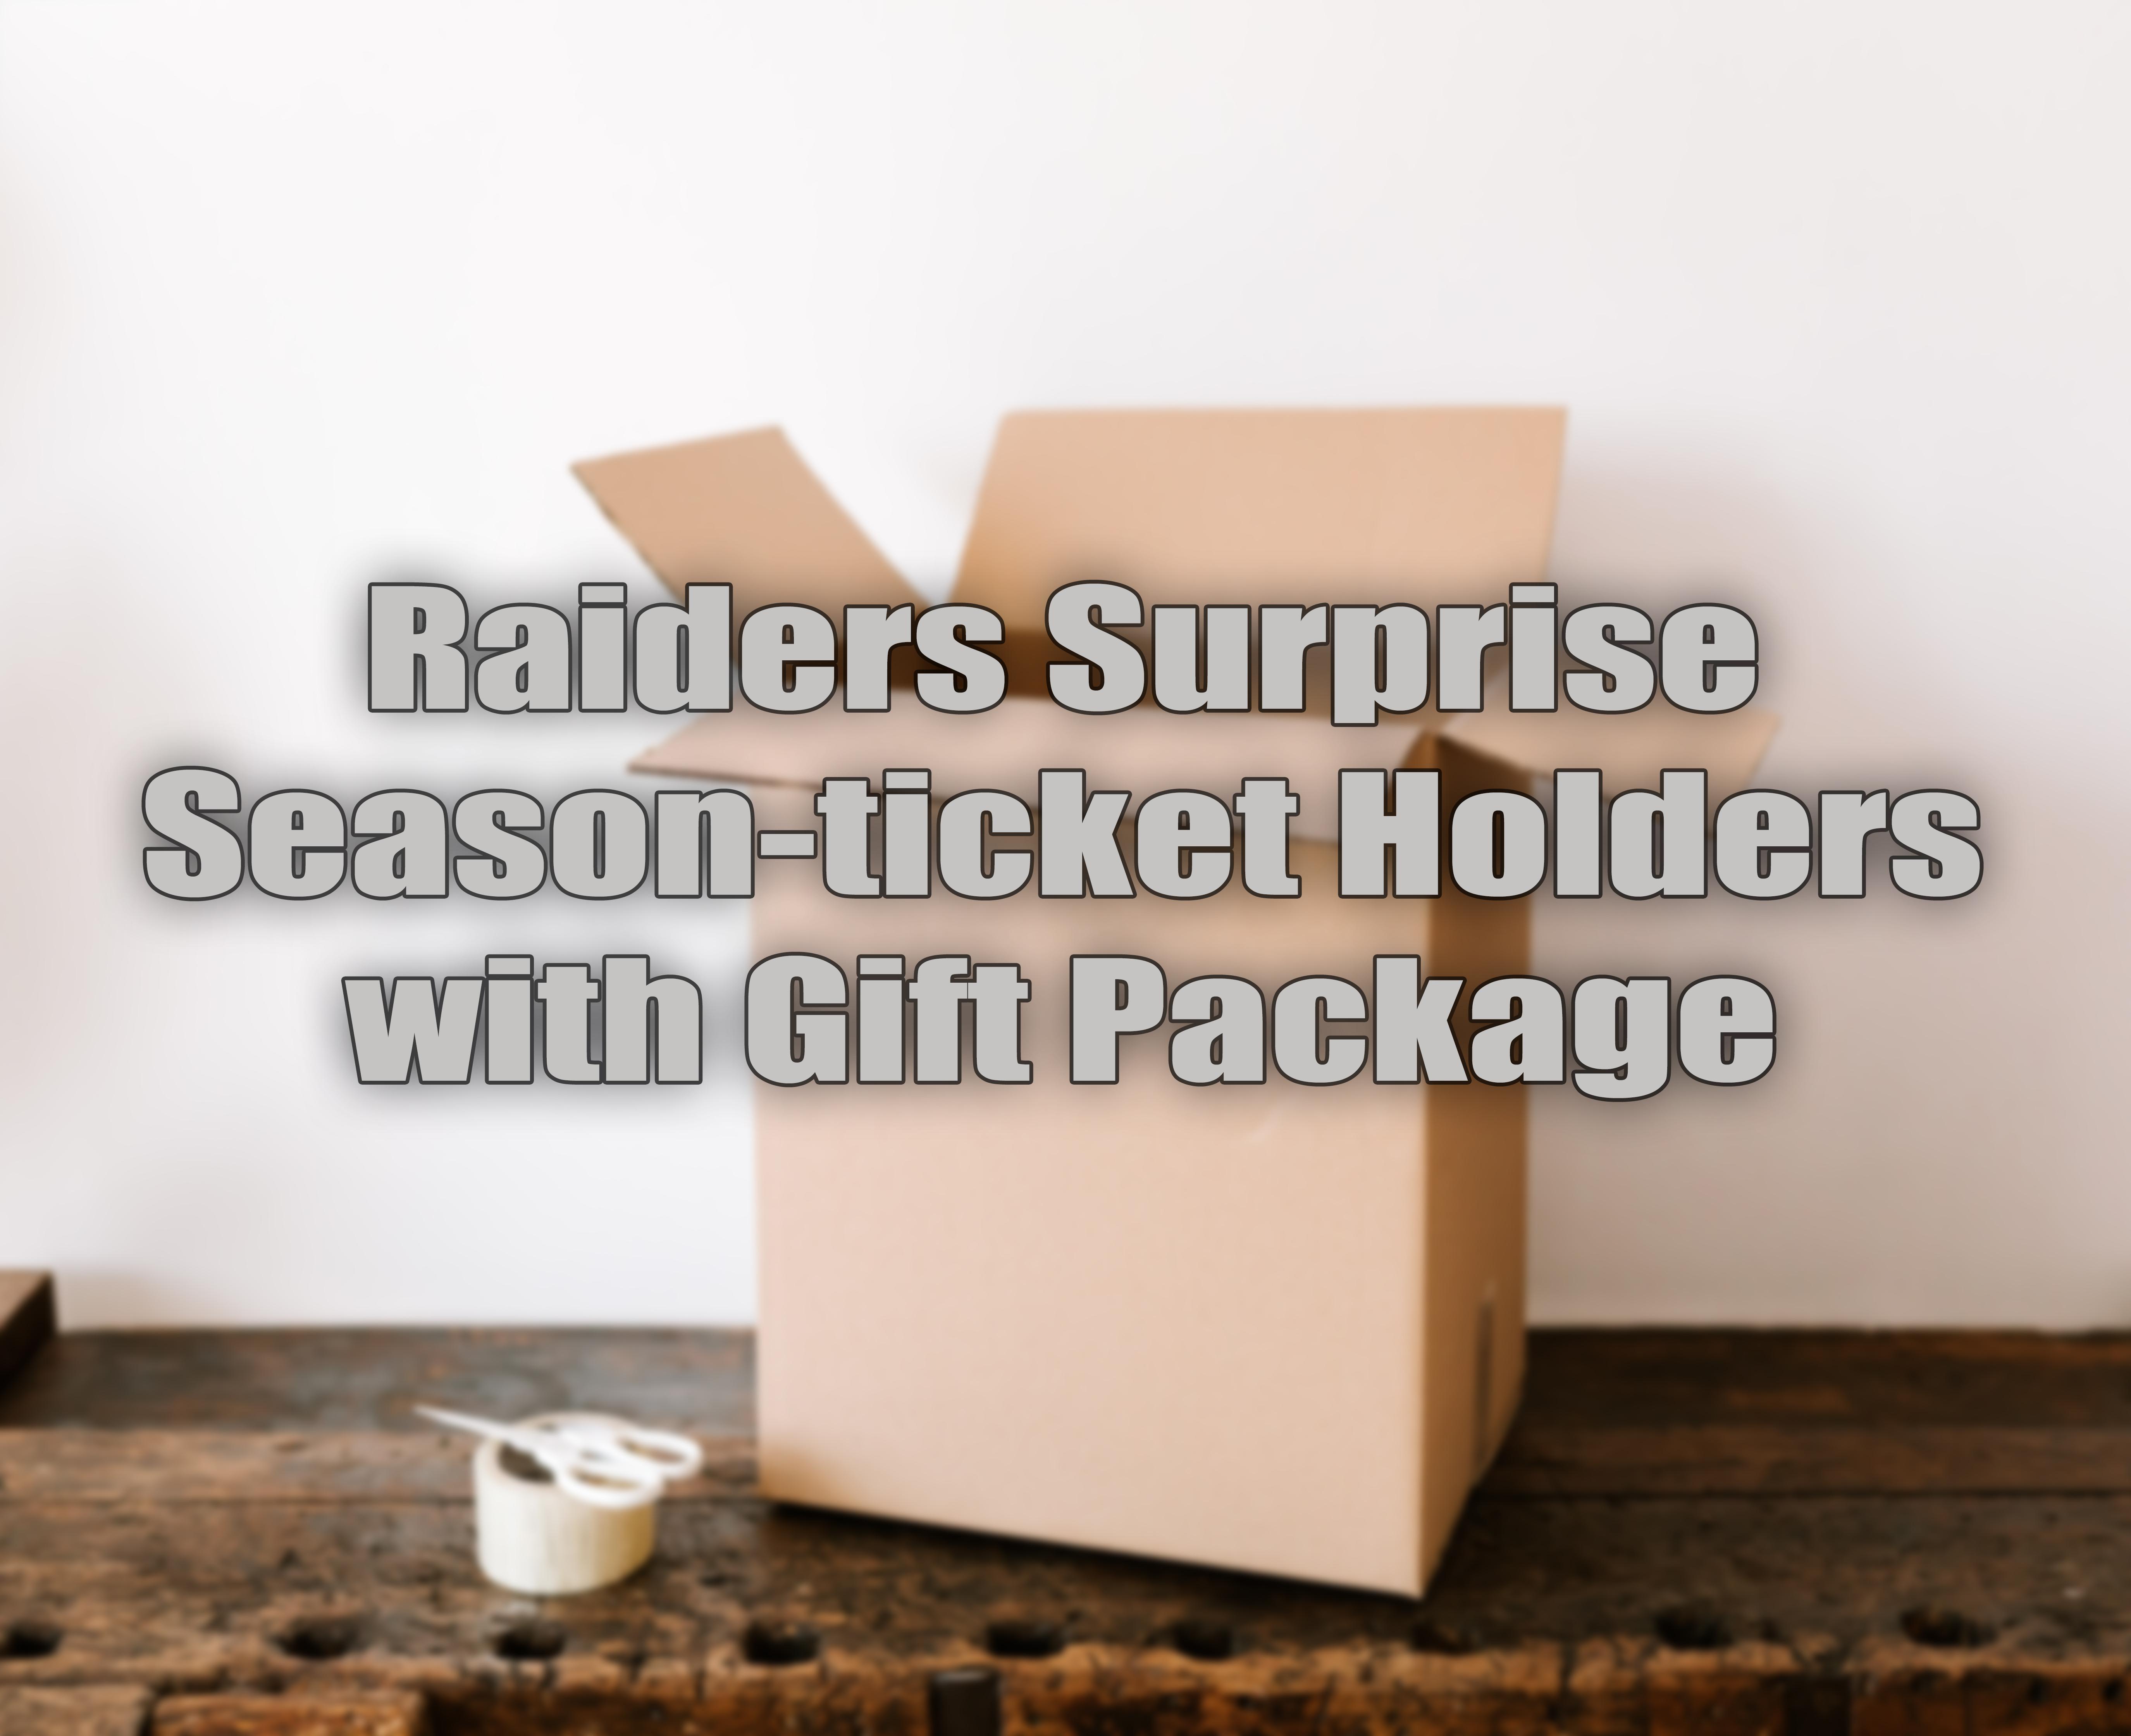 Gift Package by Raiders LV.jpg